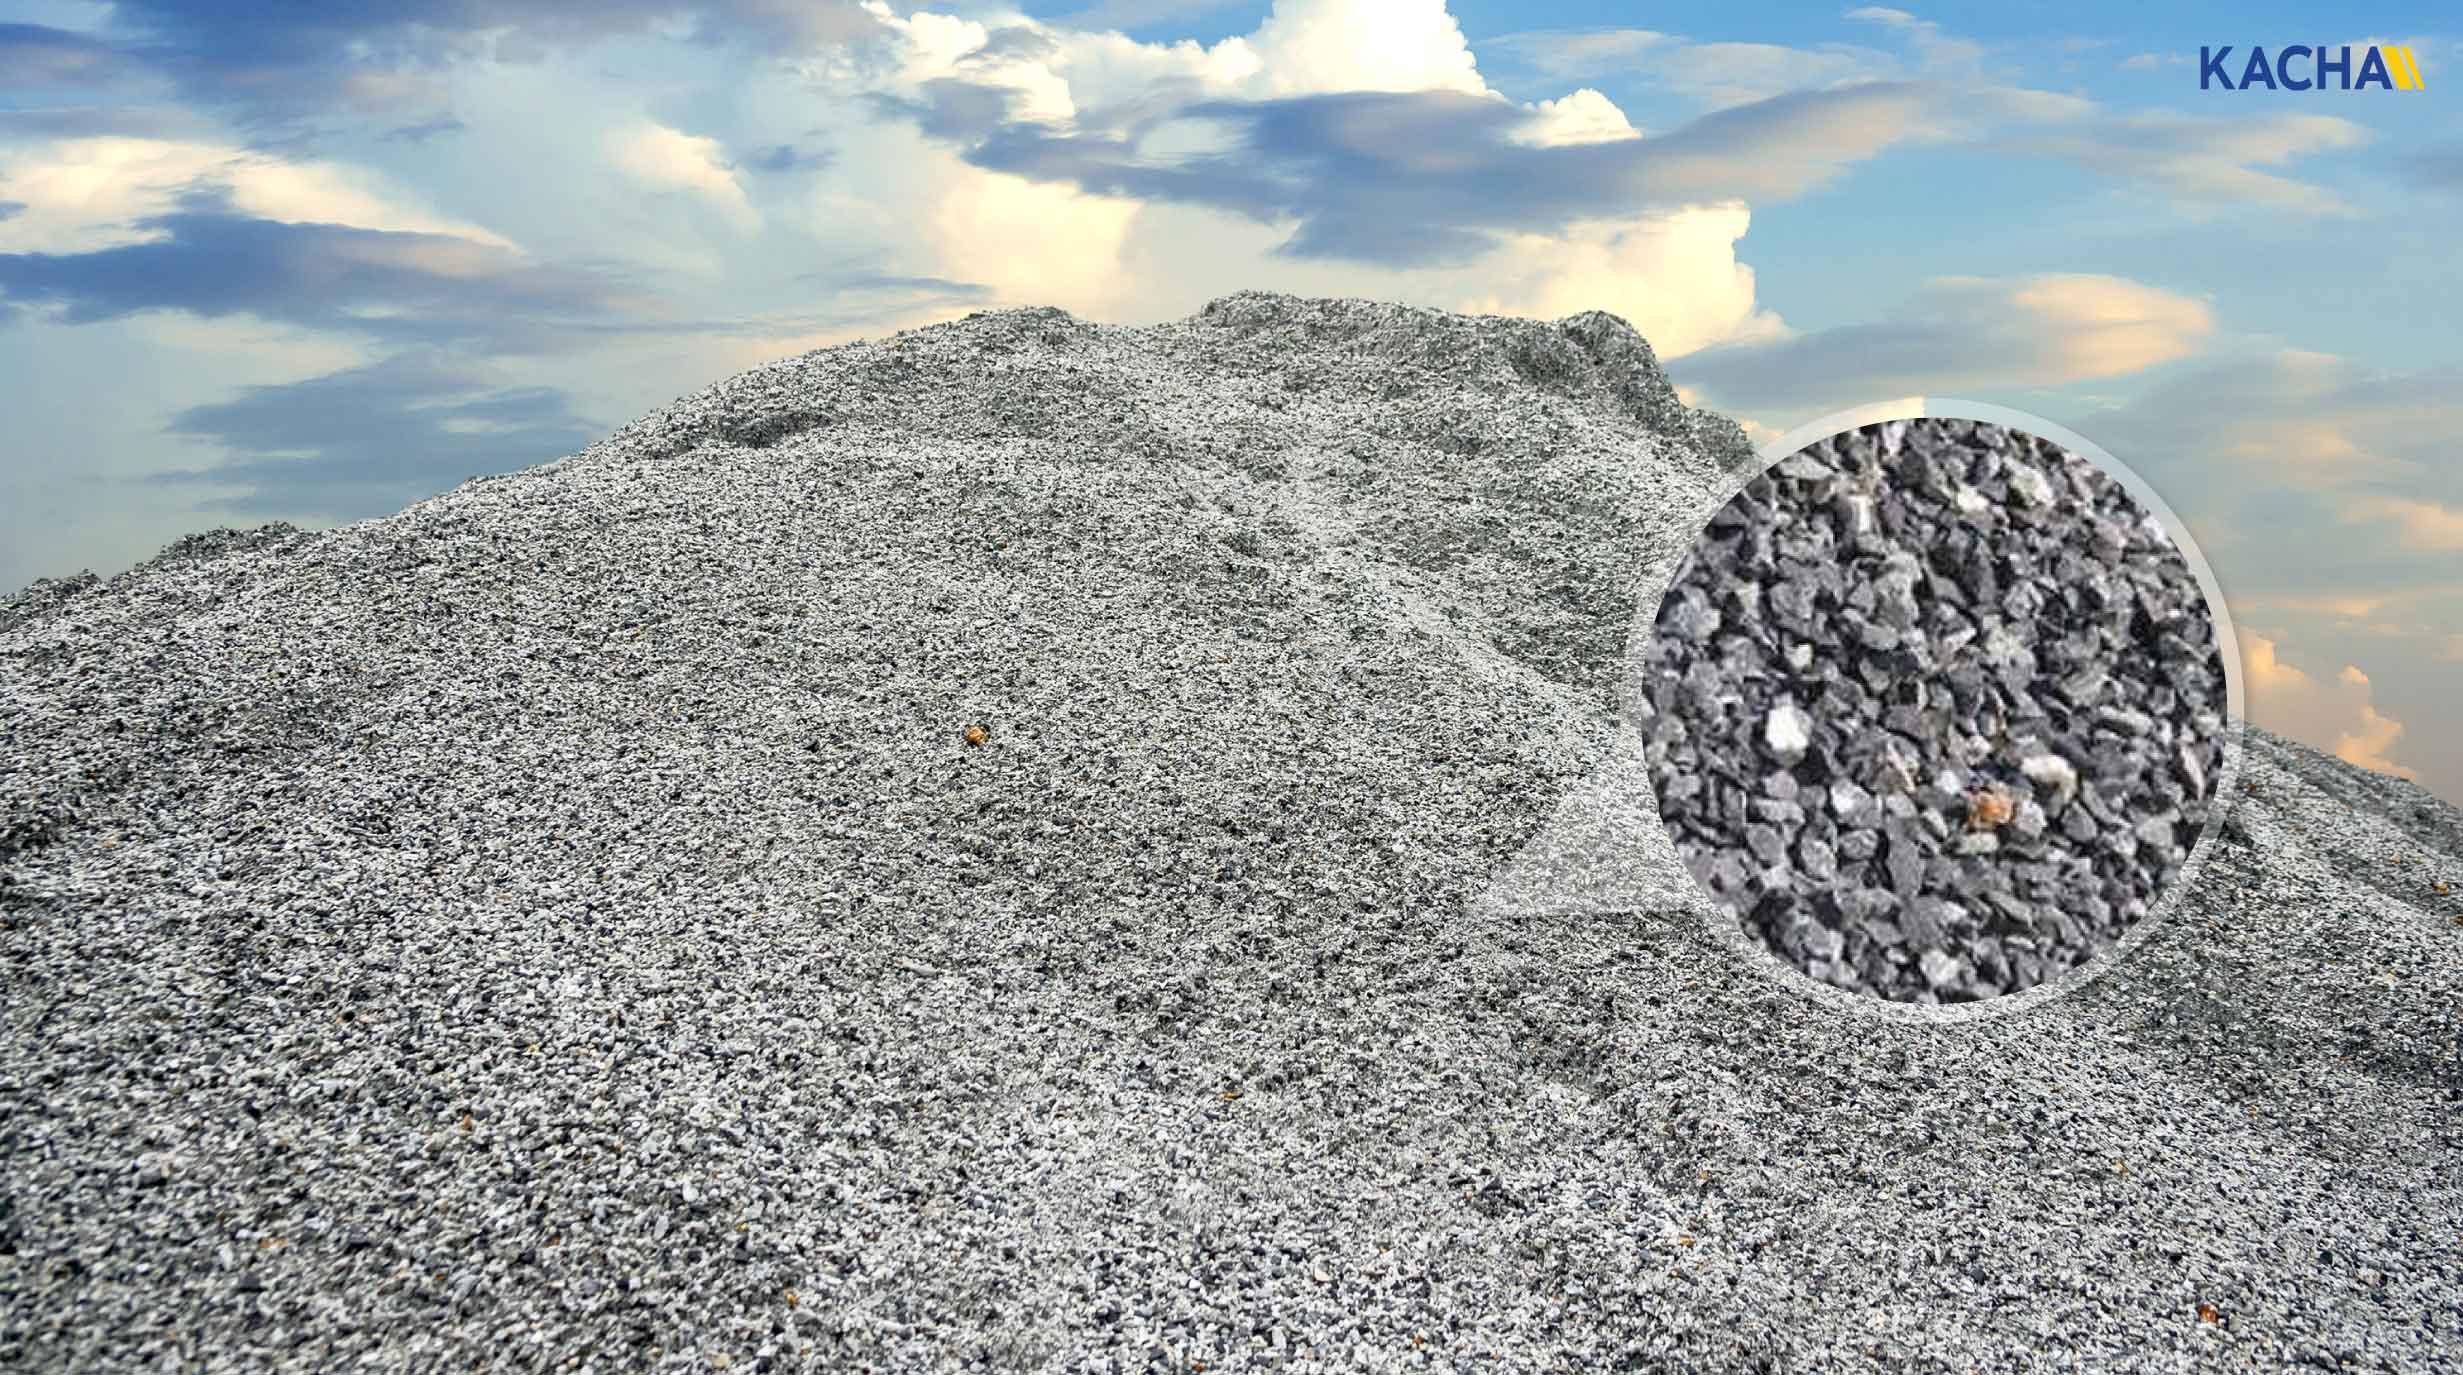 210410-Content-หินคลุก-หินเกล็ด-คืออะไร-ใช้งานต่างกันไหม02